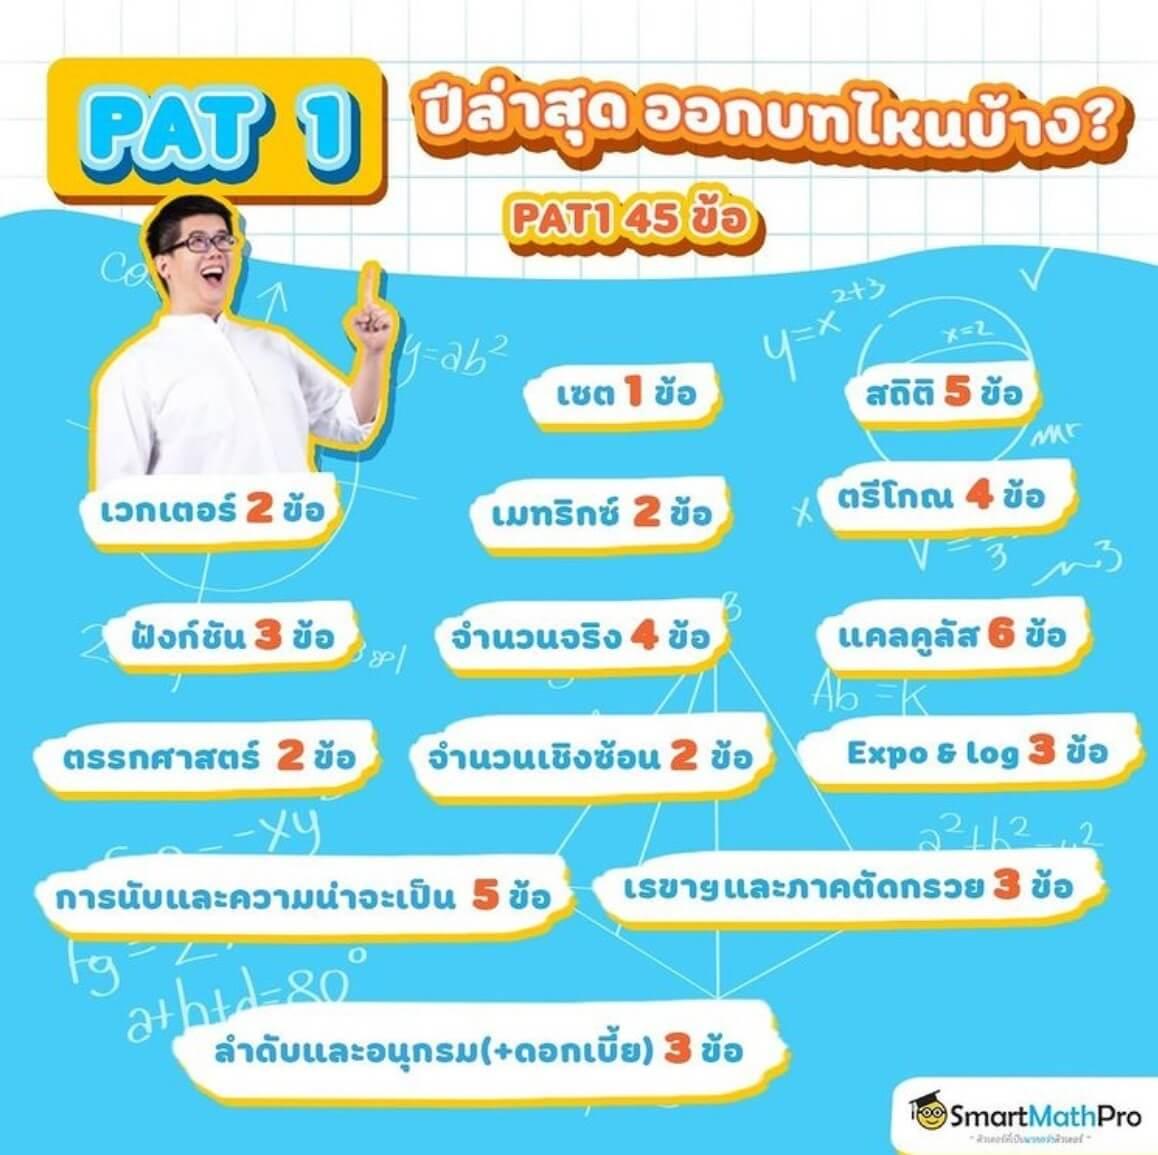 PAT1 คืออะไร? ปี 2565 ออกอะไรบ้าง? พร้อมคลิปติวข้อสอบและเทคนิคจากพี่ปั้น